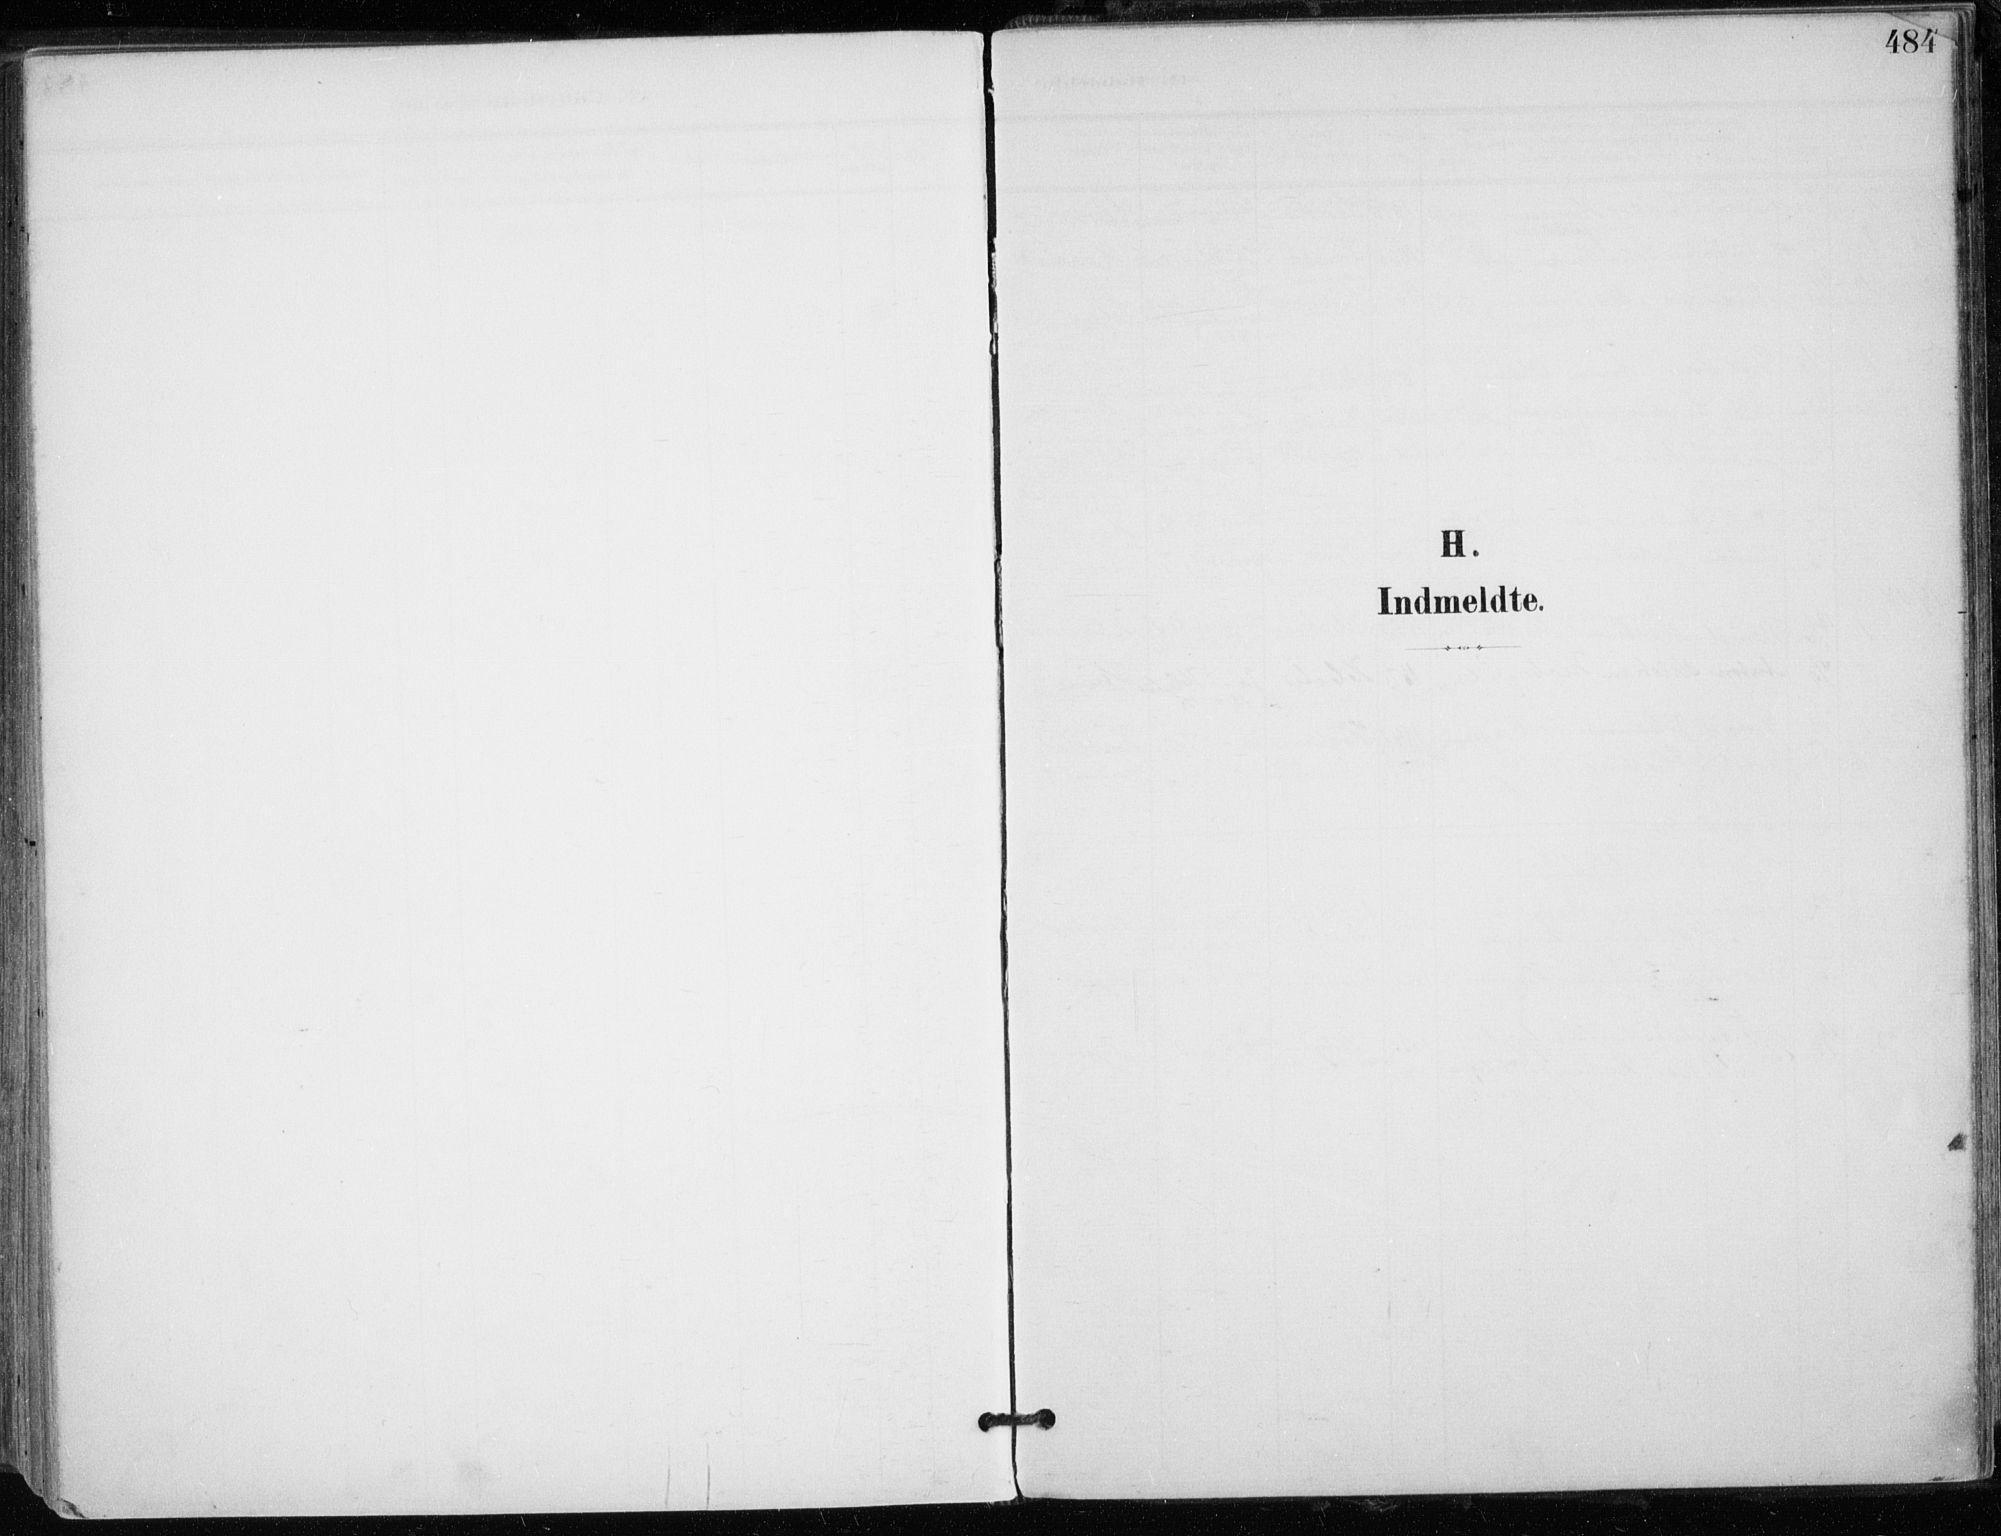 SATØ, Trondenes sokneprestkontor, H/Ha/L0017kirke: Ministerialbok nr. 17, 1899-1908, s. 484